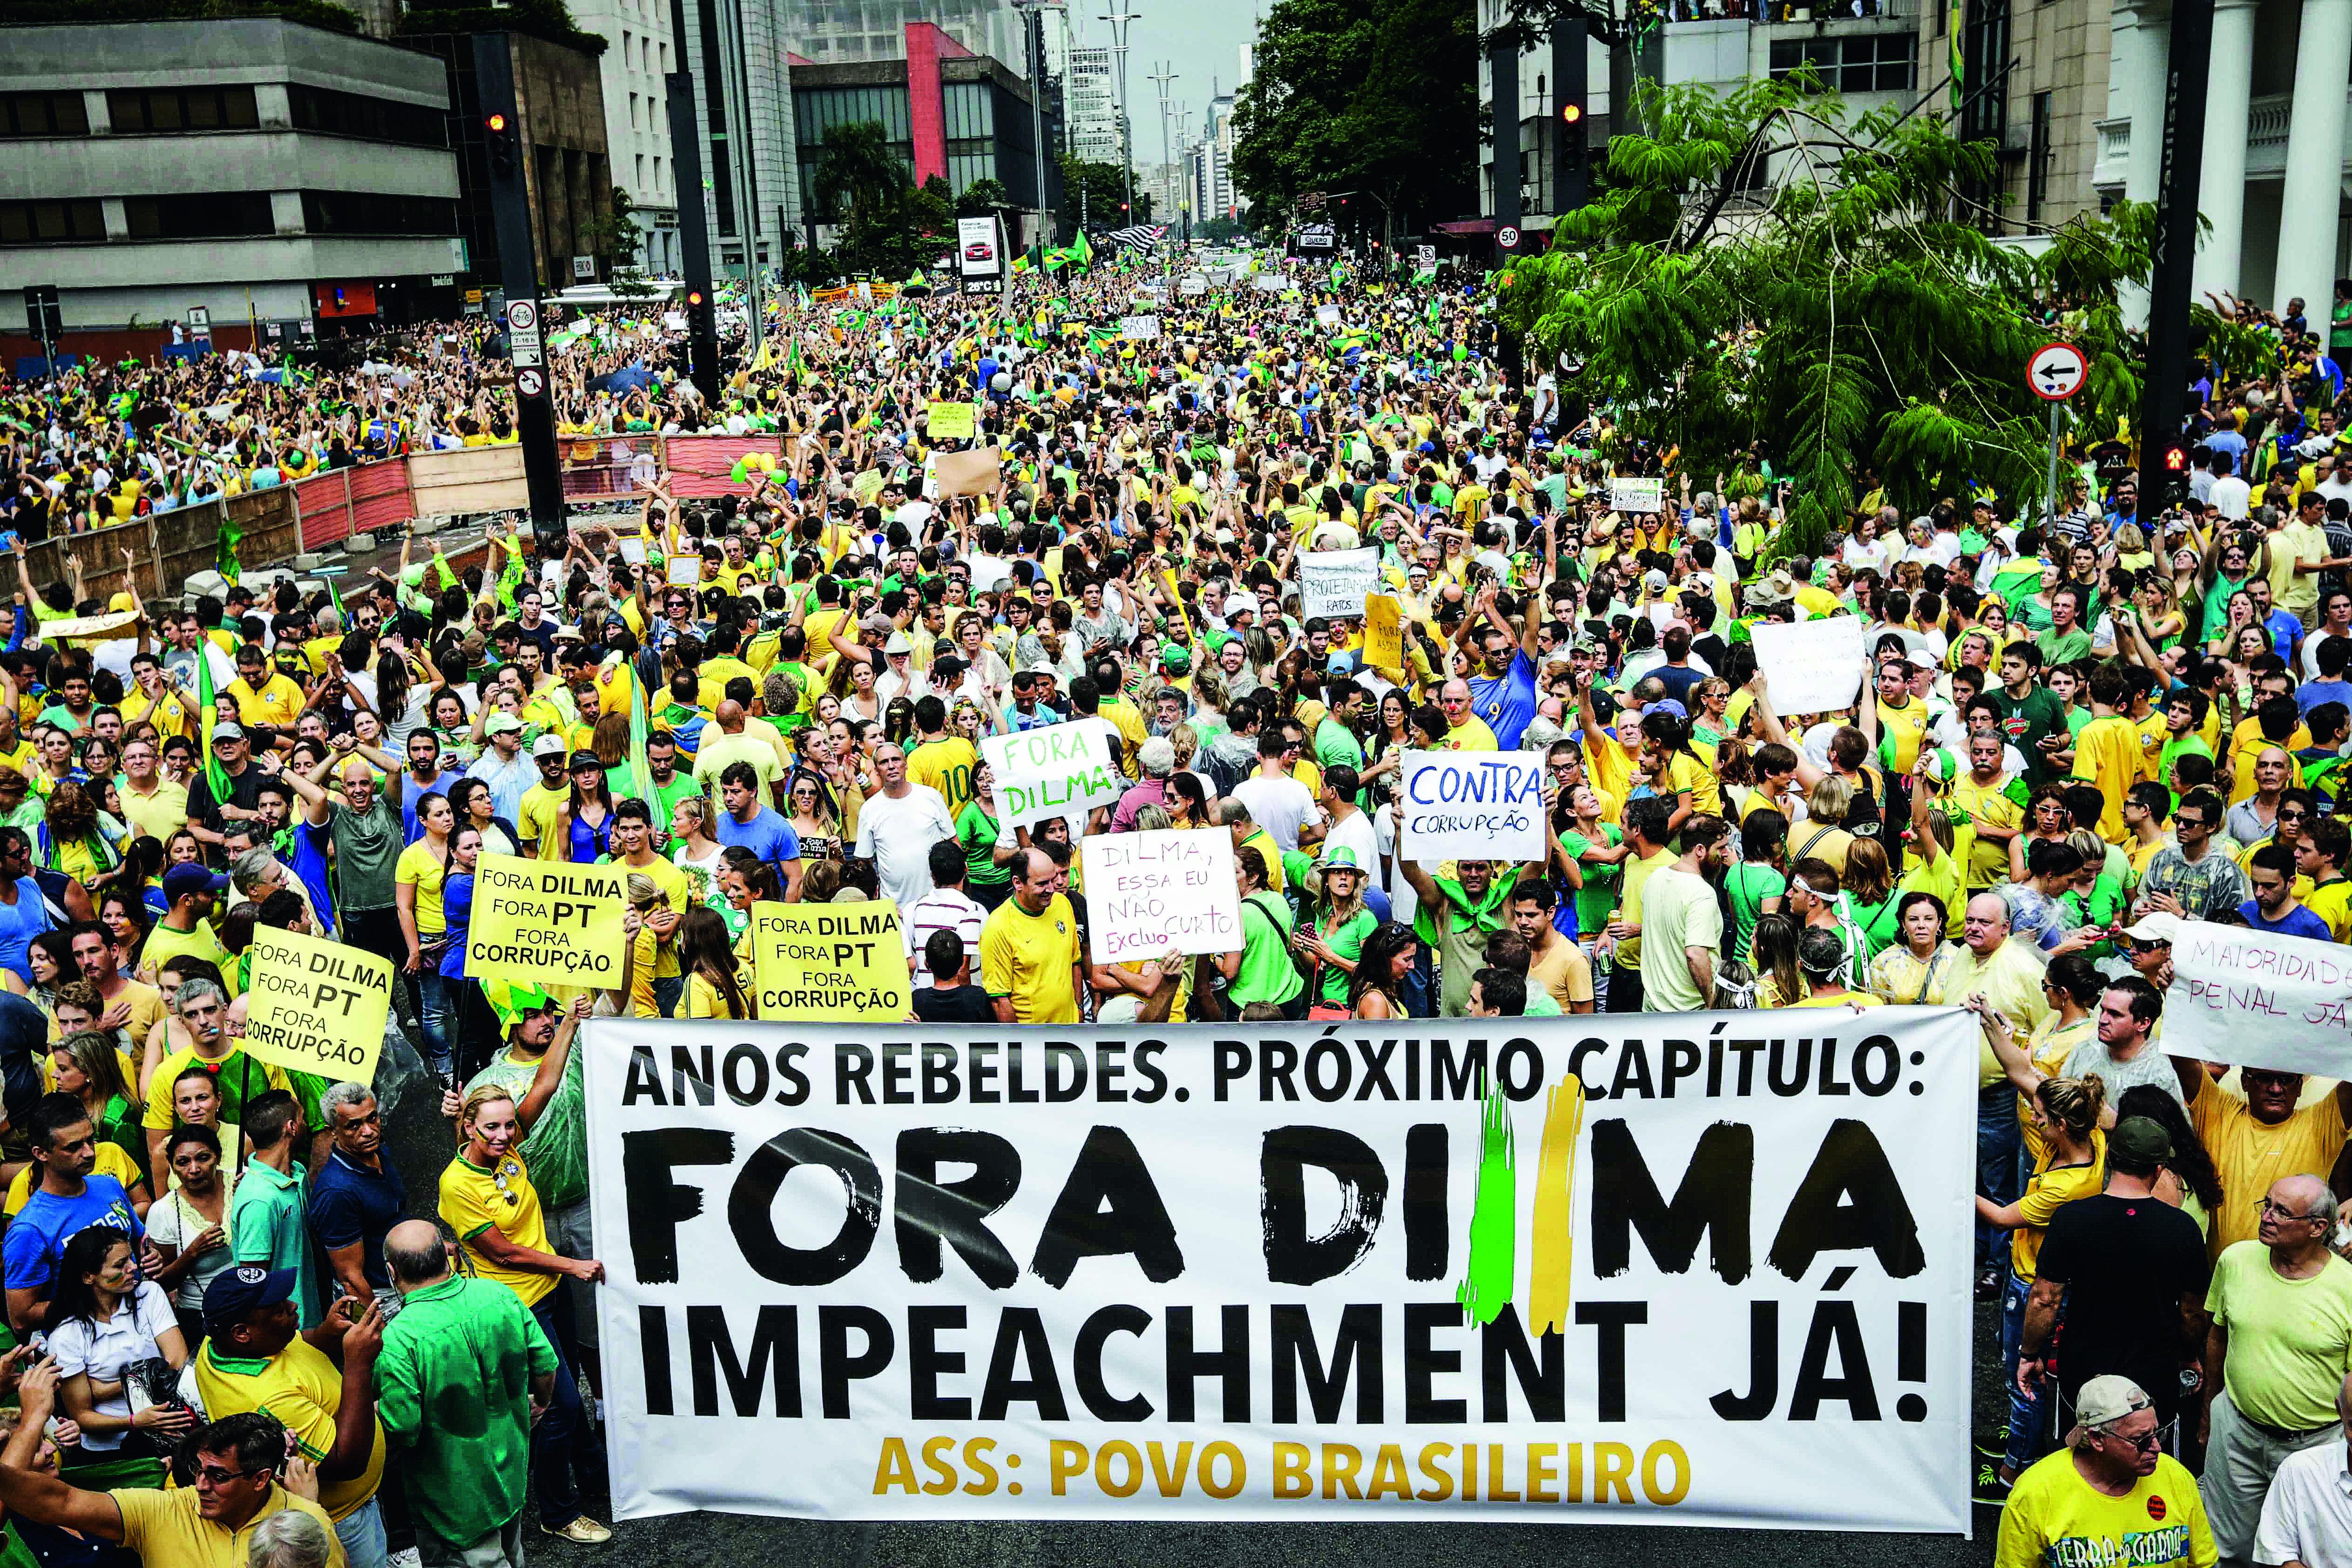 protestos-impeachment-2015-4.jpg